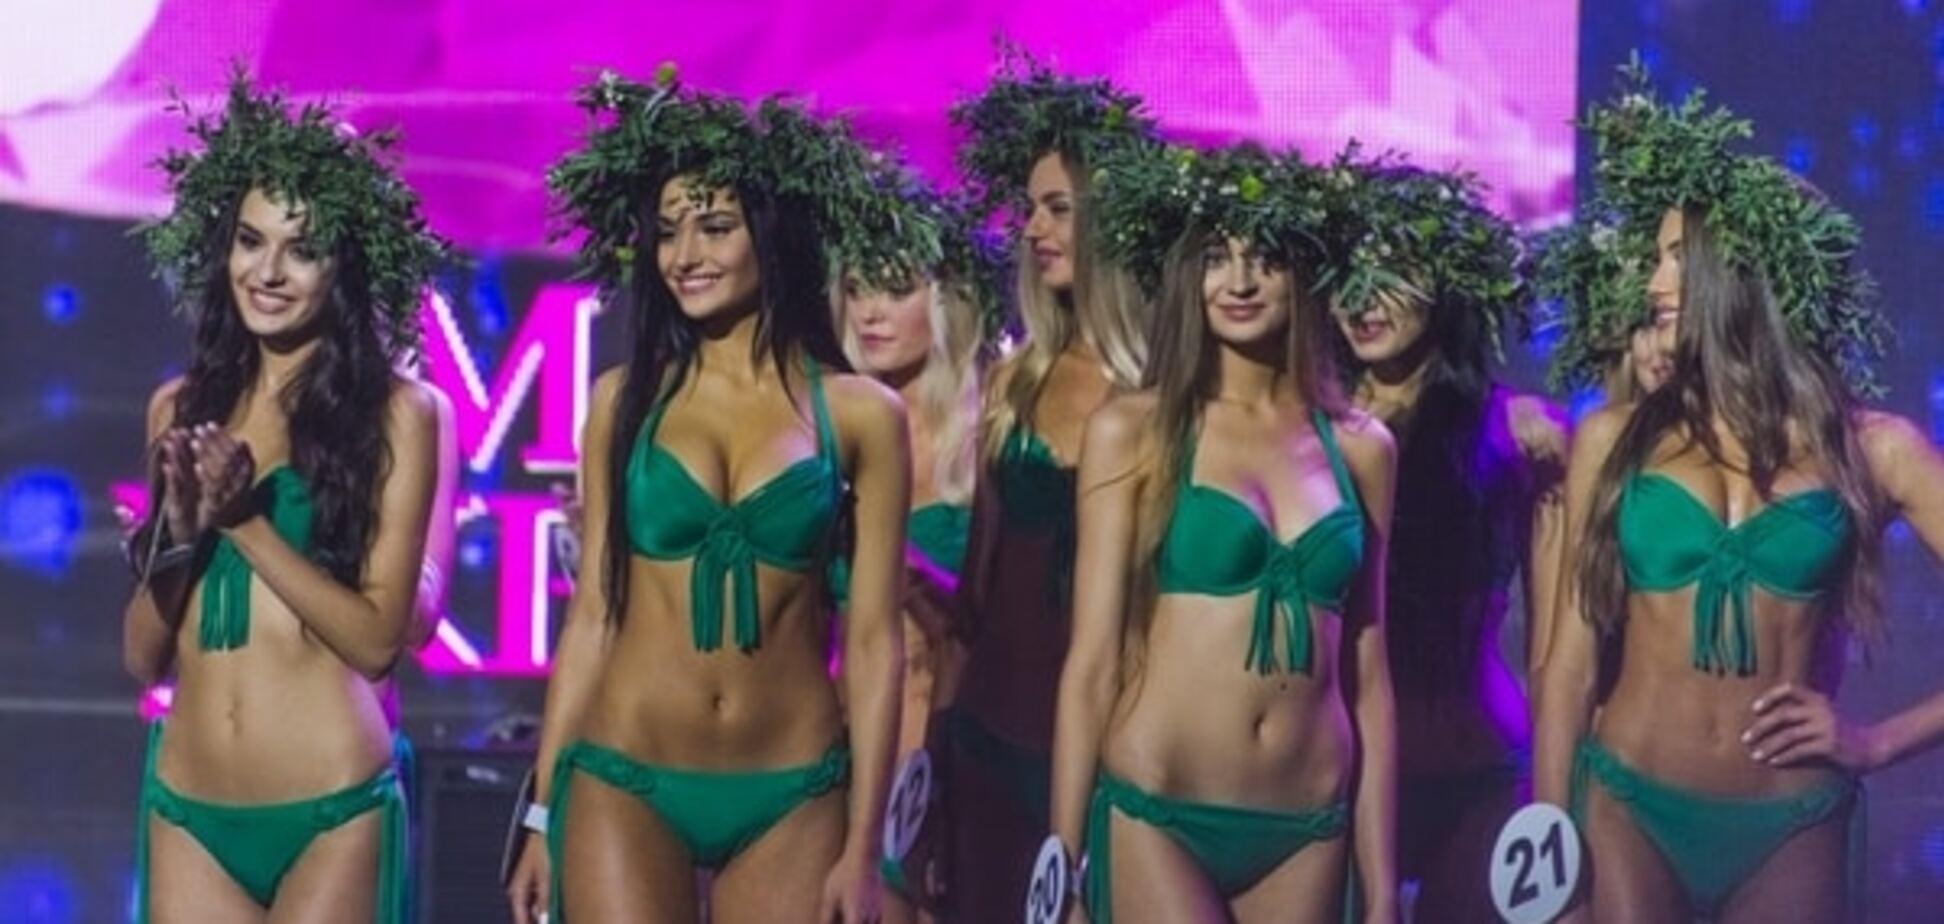 У мережі порівняли українських і російських учасниць конкурсів краси: опубліковані фото